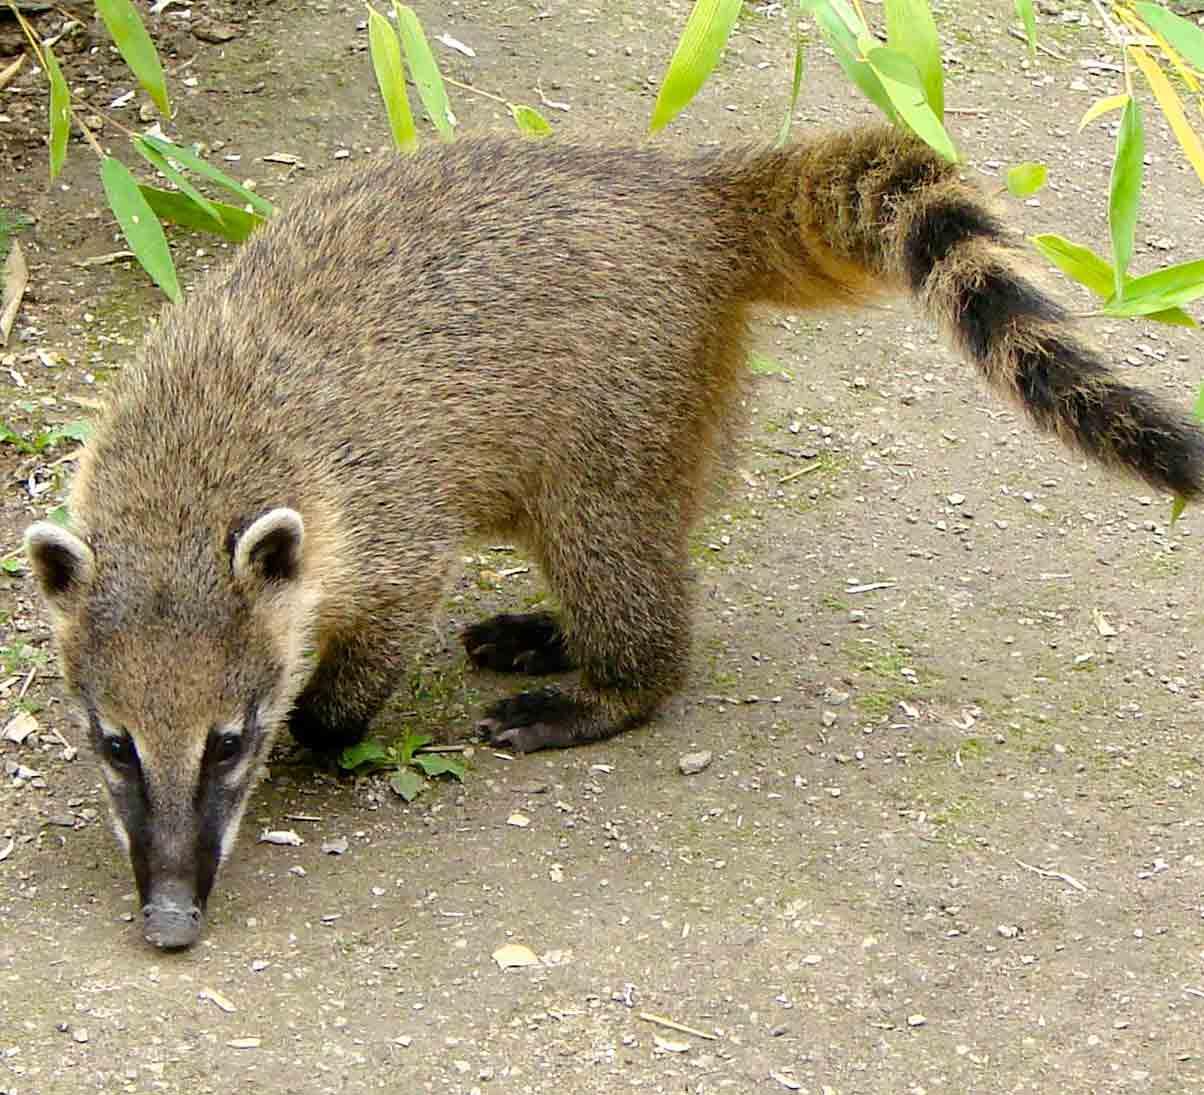 wkudamundi-Panama-racoon-coati